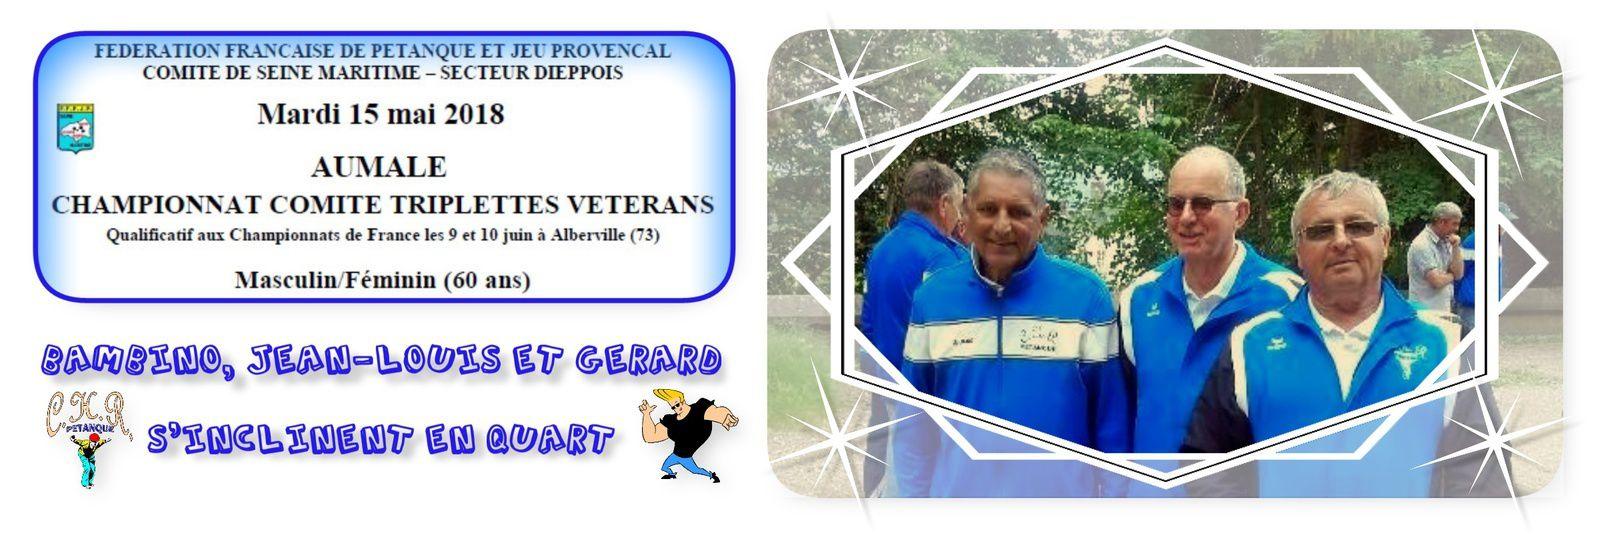 Championnat Comité Triplettes Vétérans à Aumale